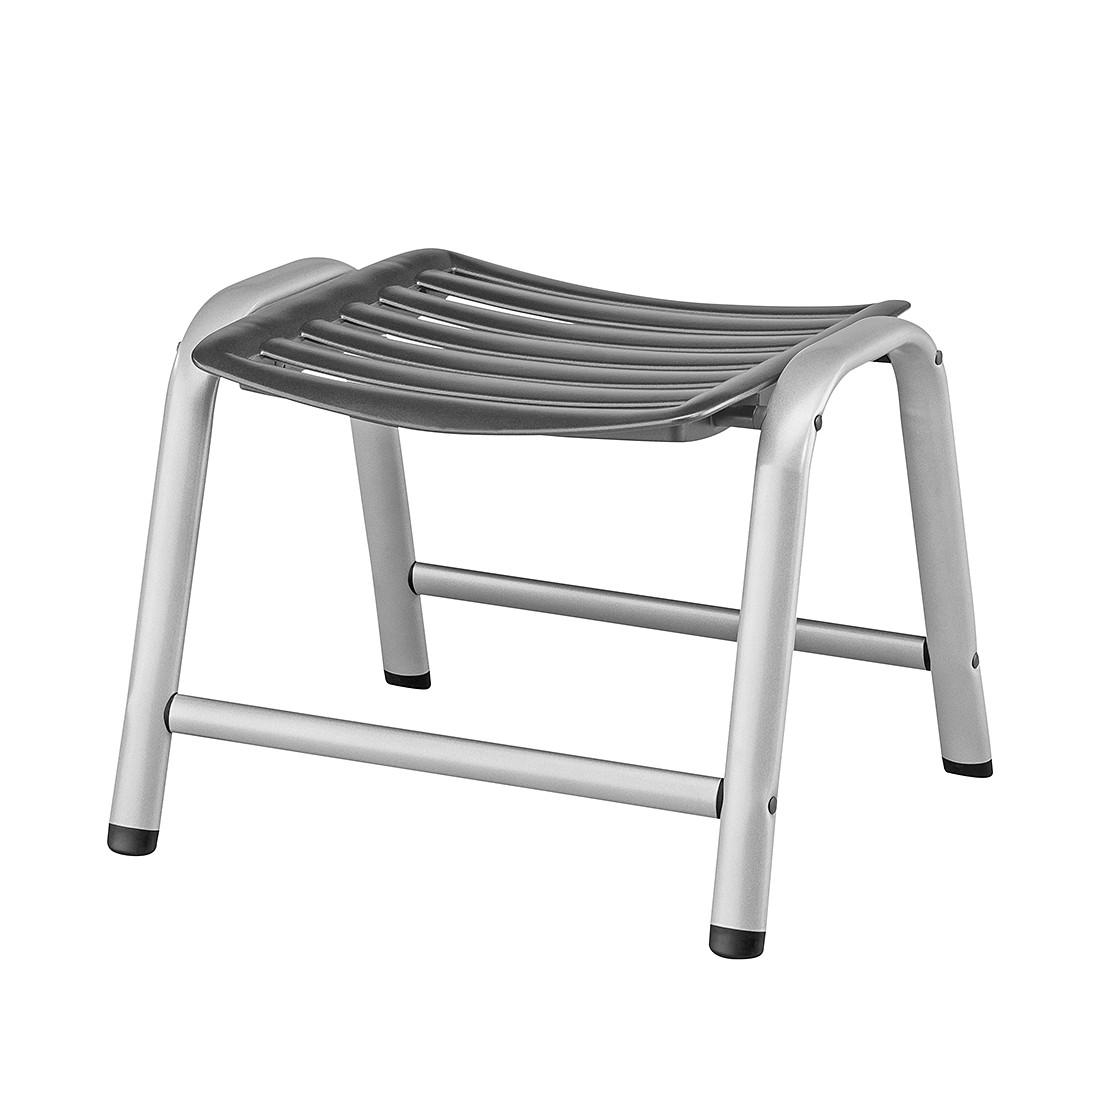 scrapeo jezler windsor silber 800. Black Bedroom Furniture Sets. Home Design Ideas